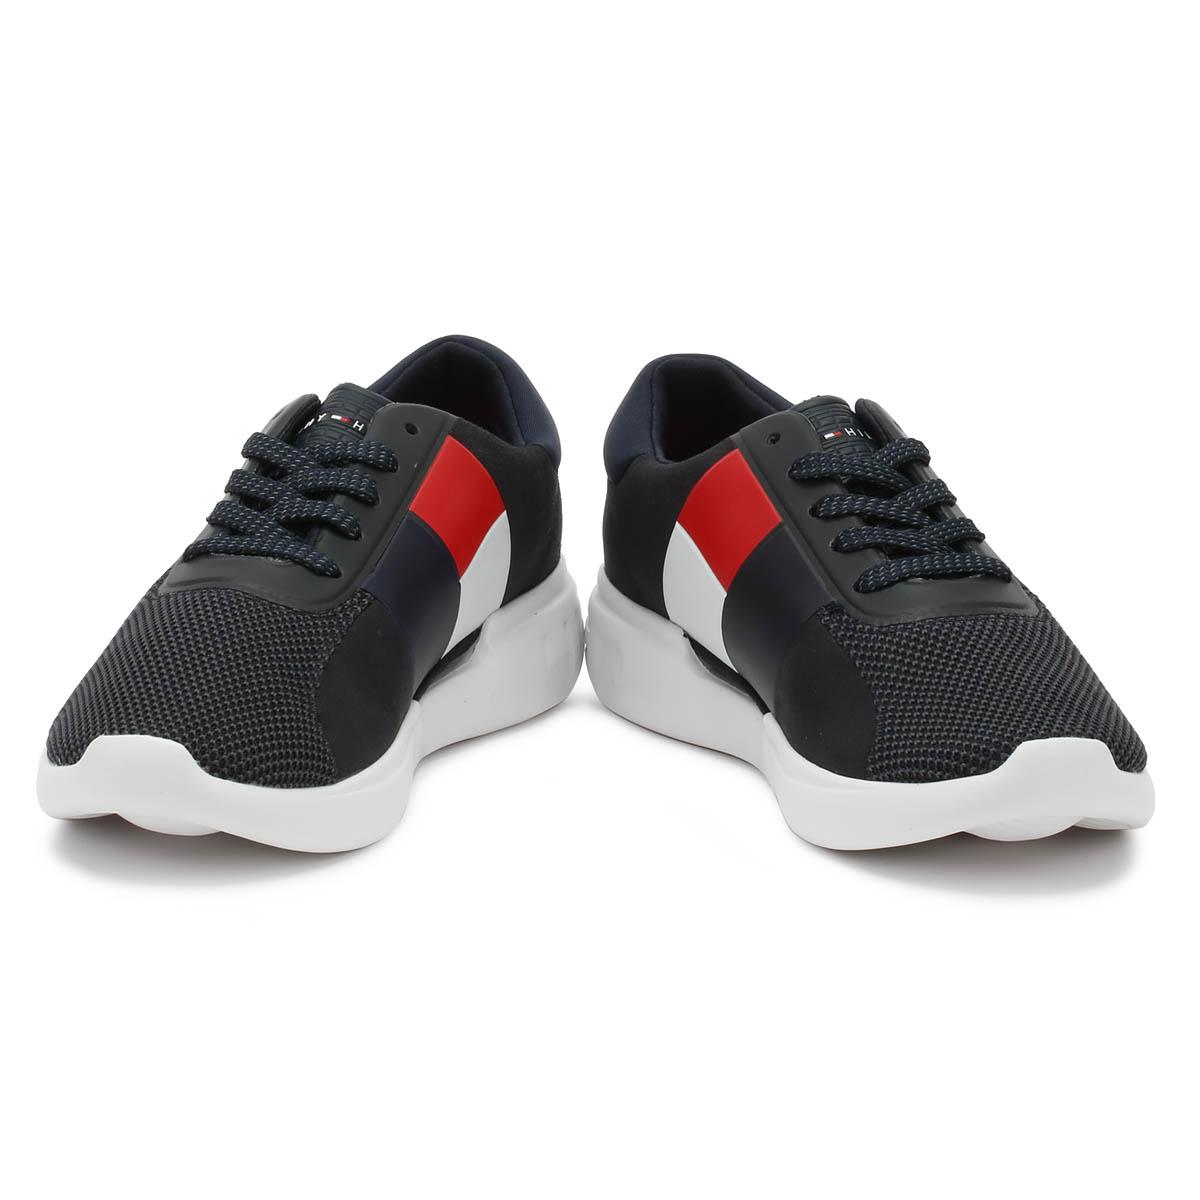 Tommy Hilfiger Sneaker Uomo Midnight Leggero Sport Sport Leggero Casual Scarpe Da Corsa 7c9590